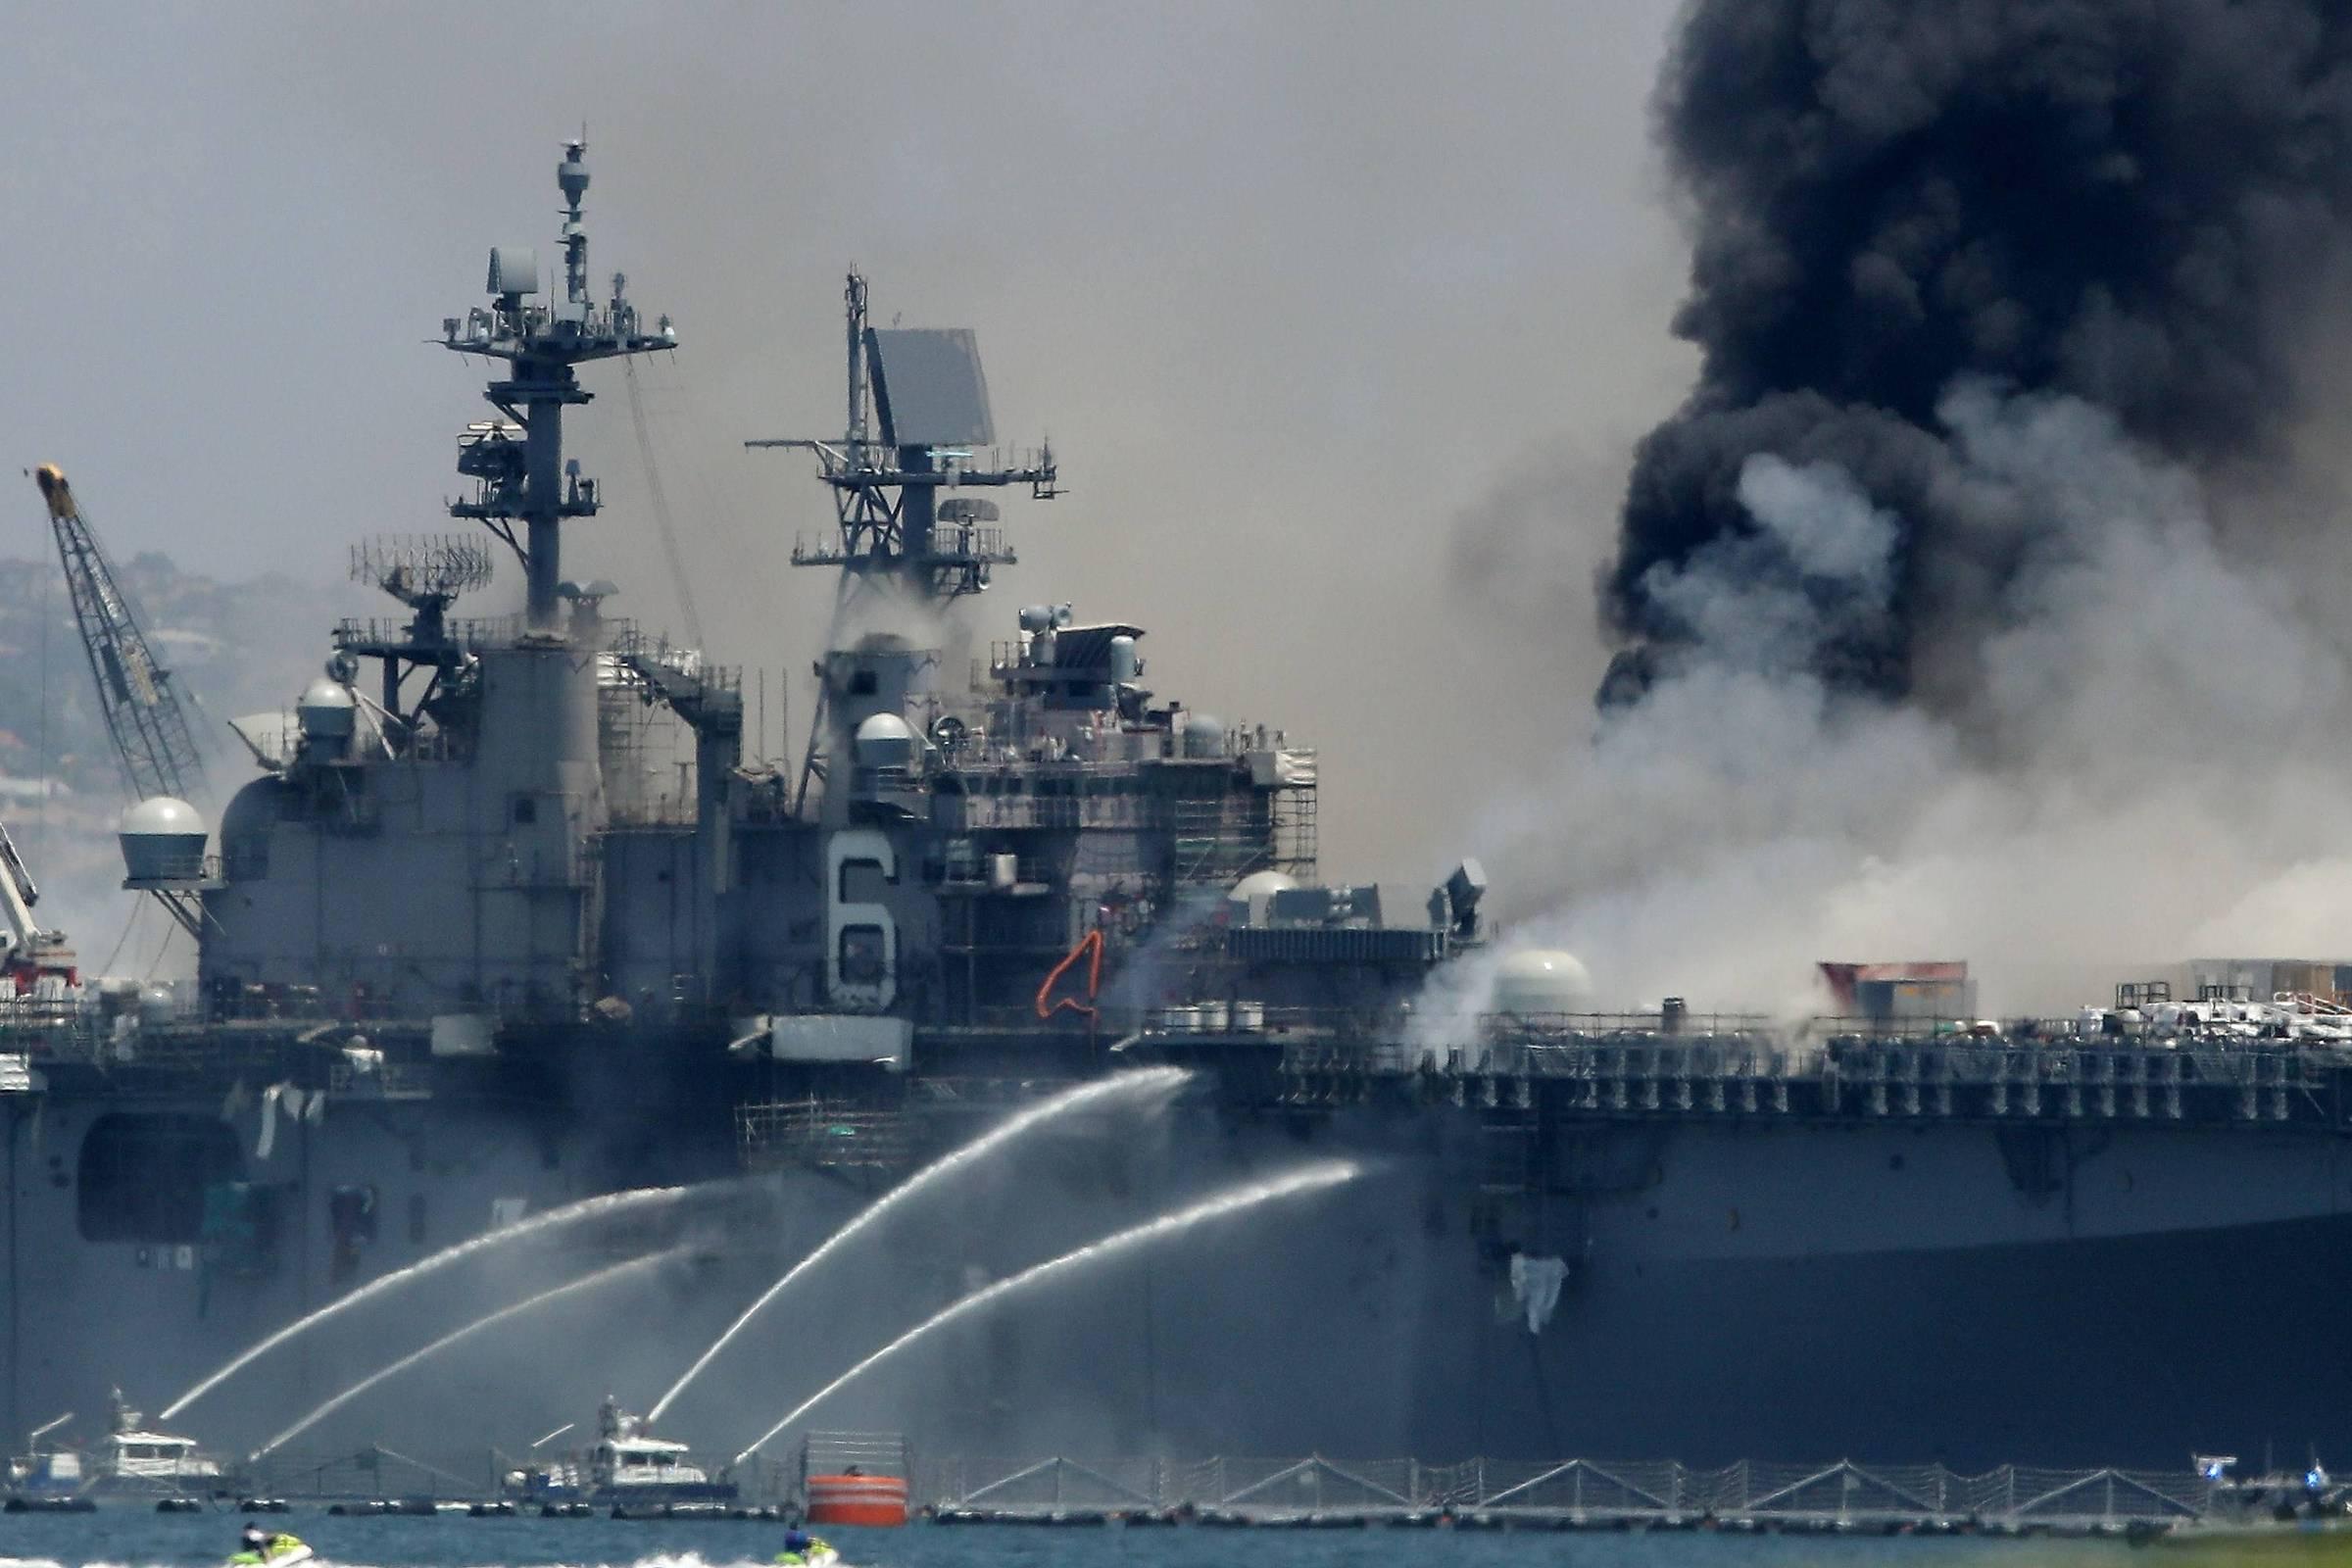 Incêndio em navio da Marinha dos Estados Unidos deixa 21 pessoas feridas - 12/07/2020 - Mundo - Folha